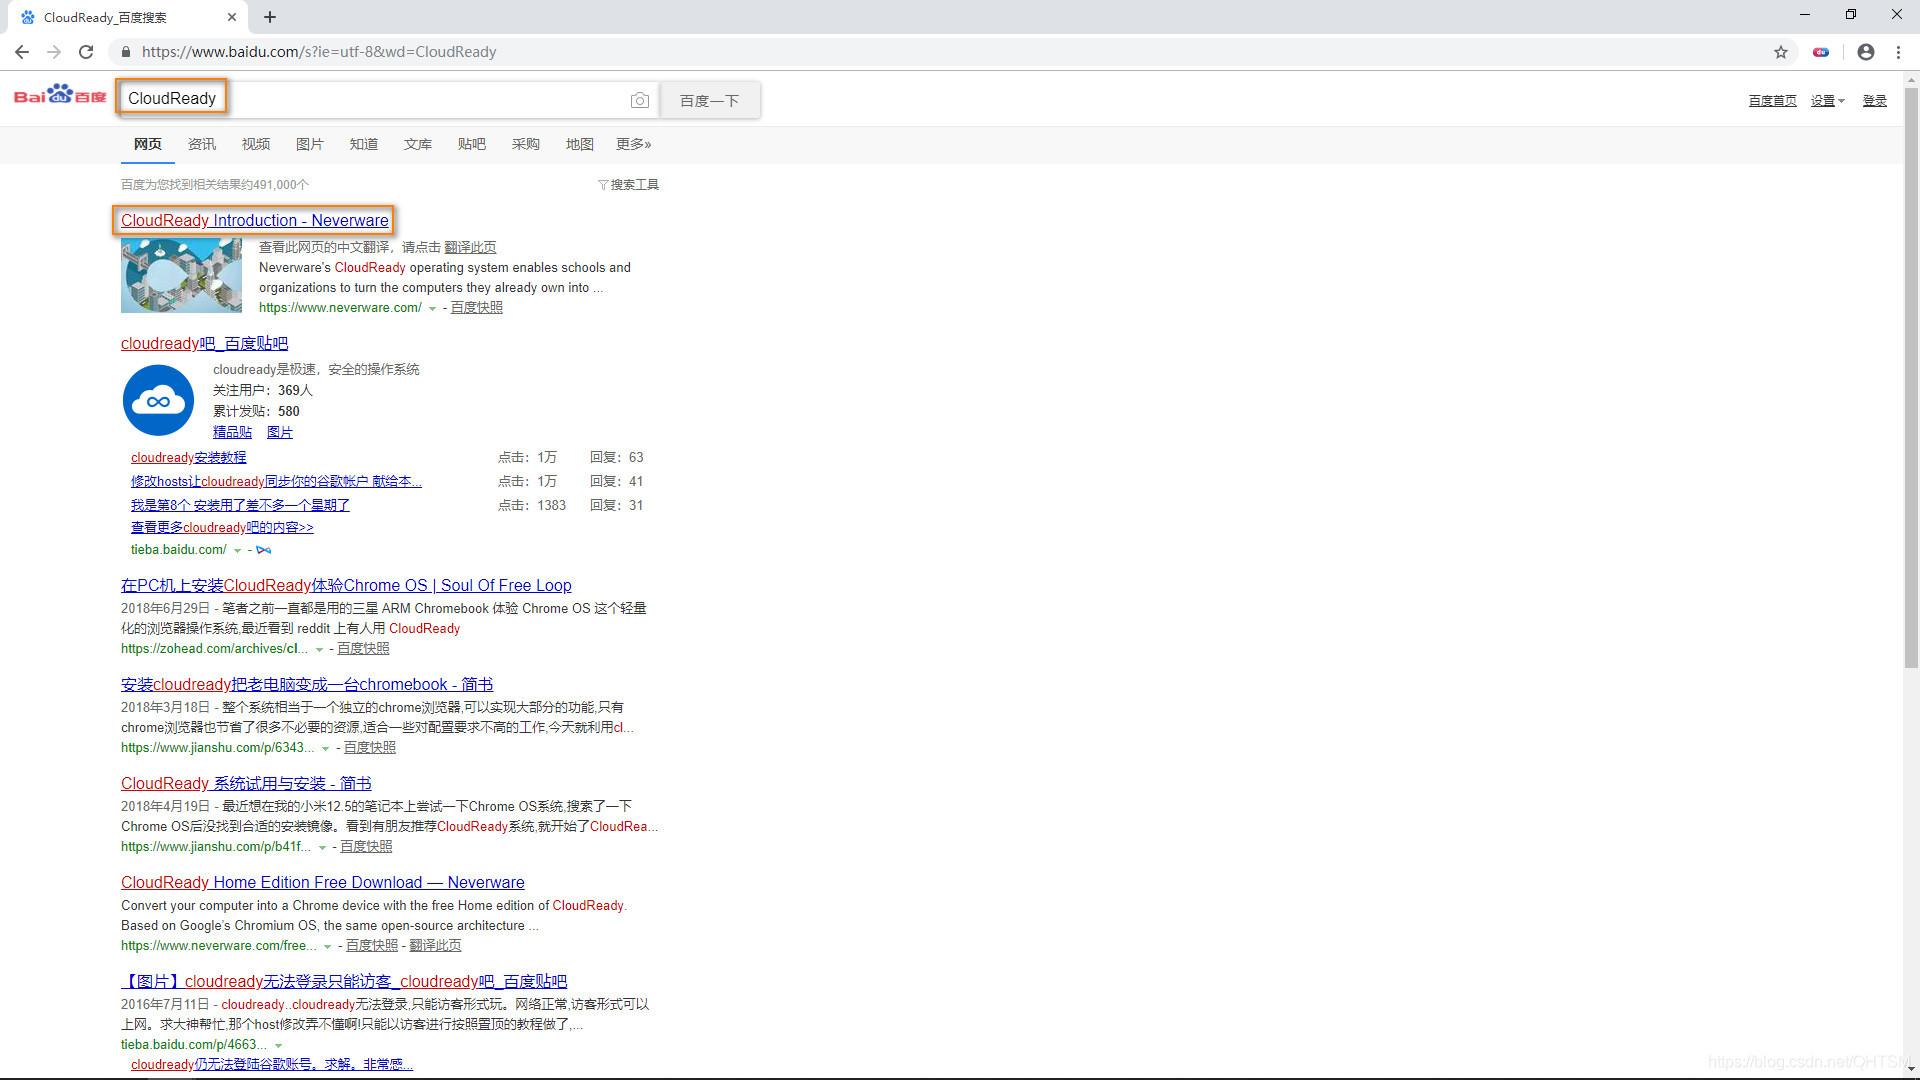 安装CloudReady,体验Chrome OS - π的博客- CSDN博客